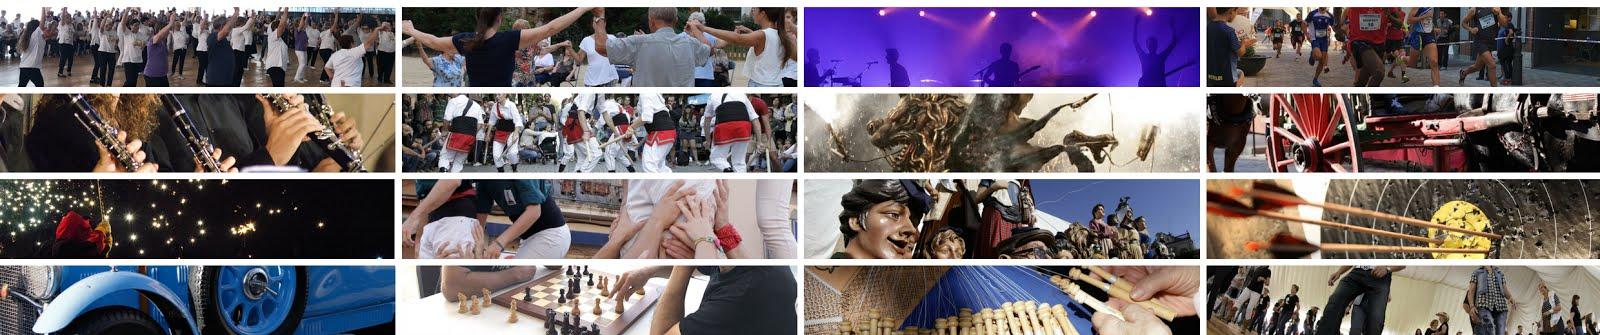 Llista d'entitats que fan Festa Major